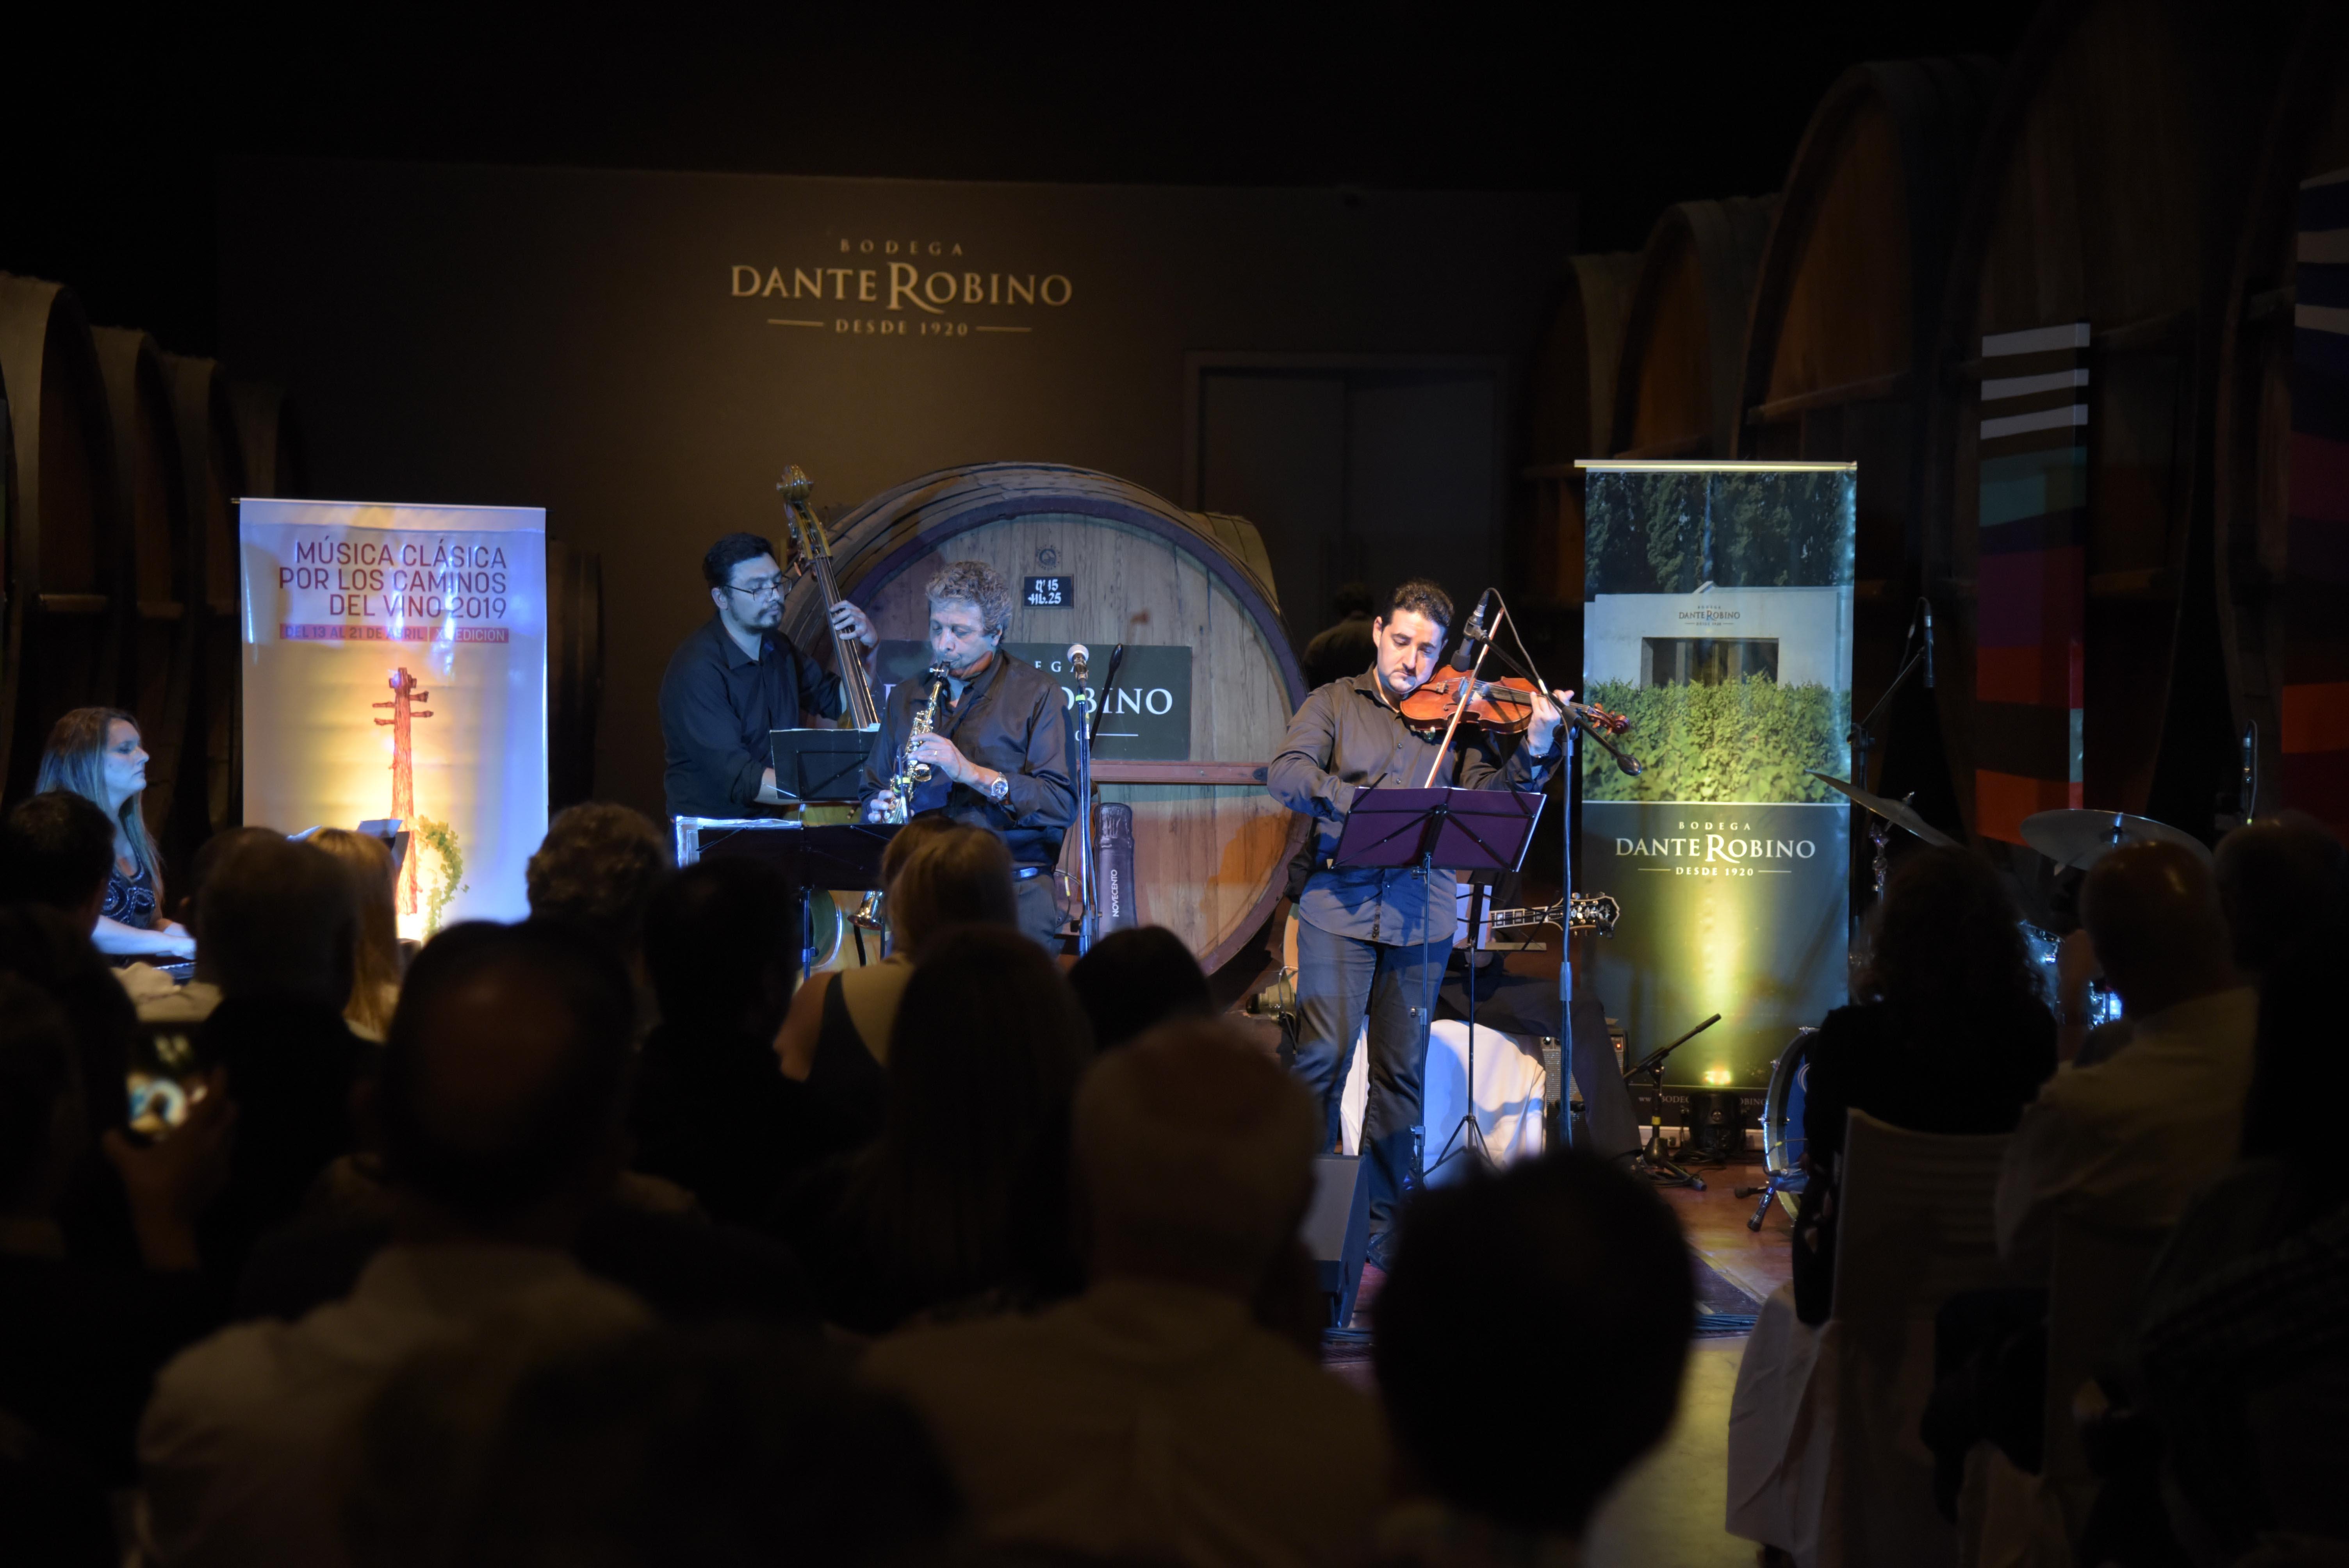 Bodega Dante Robino inauguró el Ciclo de Música Clásica por los Caminos del Vino